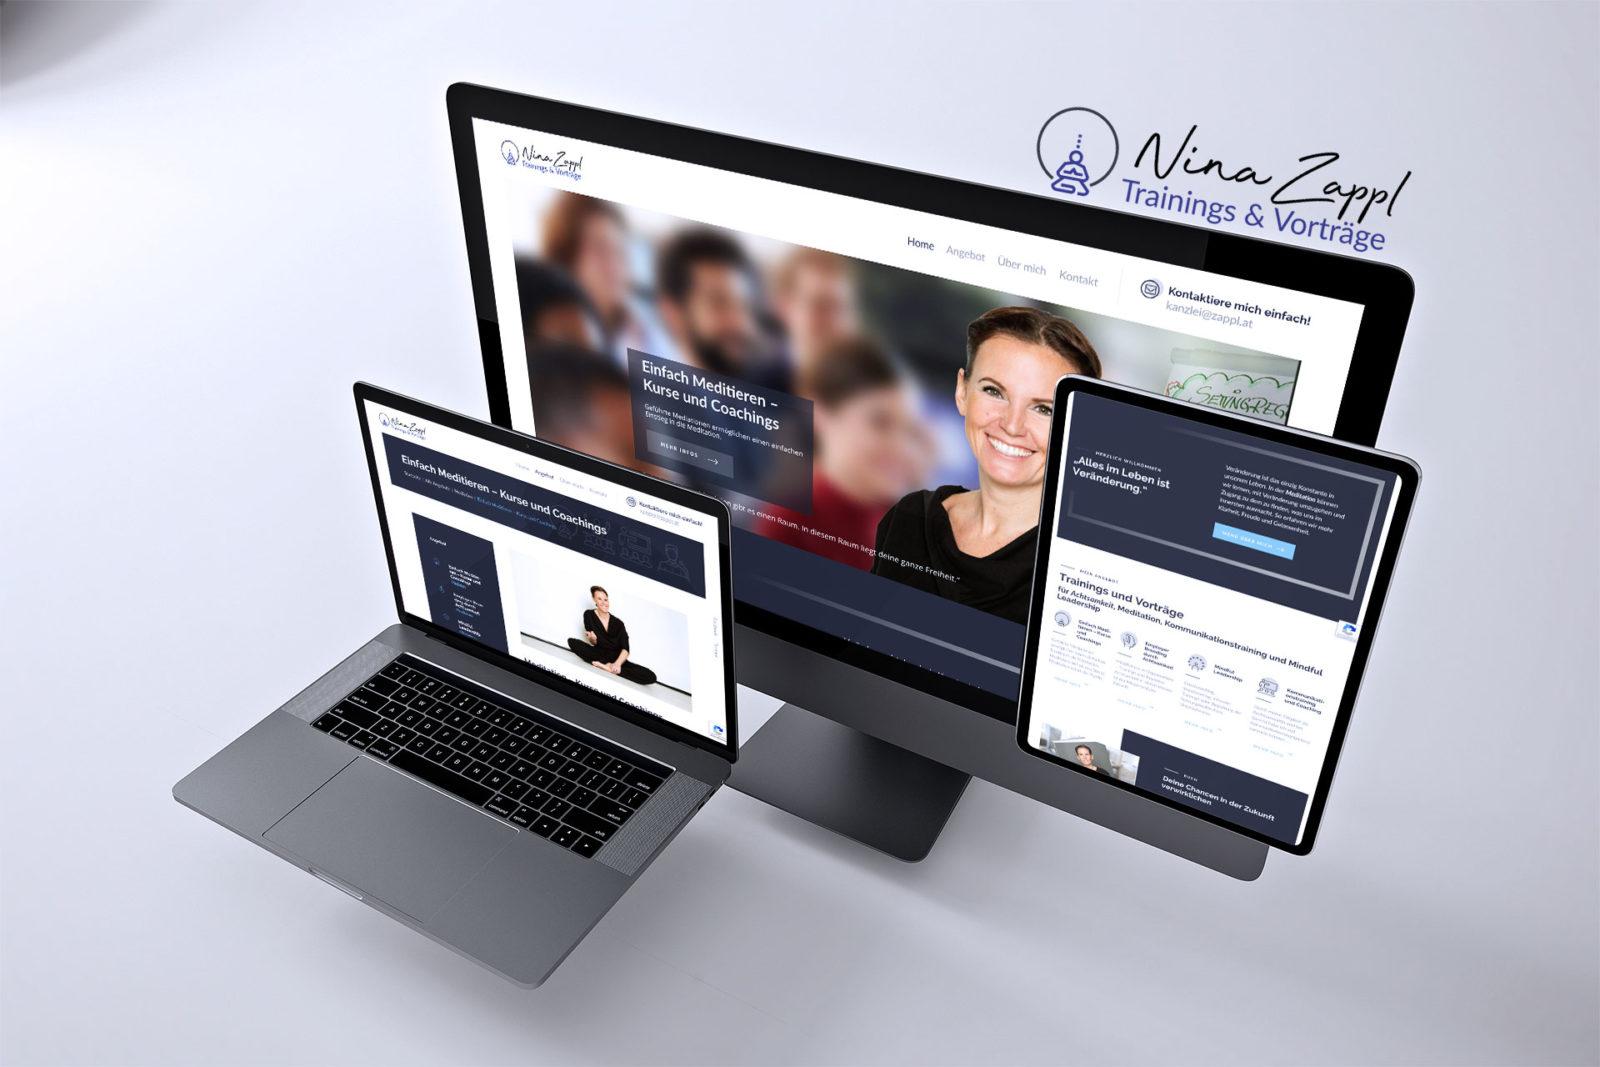 Webdesign Nina Zappl - Autorin, Diplomierte Kommunikationstrainerin